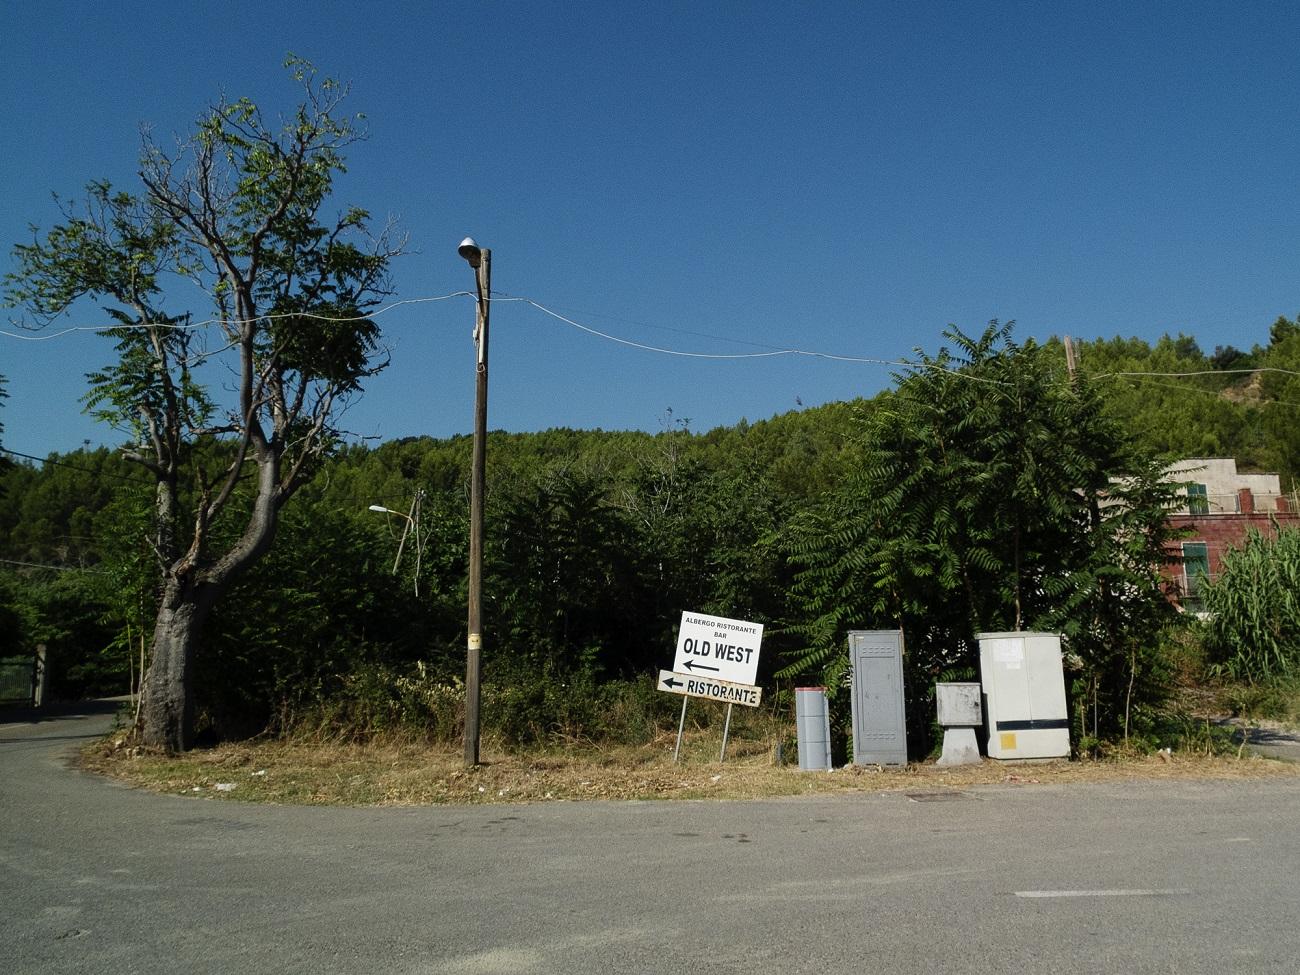 Campagne e locali dismessi nei pressi della stazione di Ferrandina